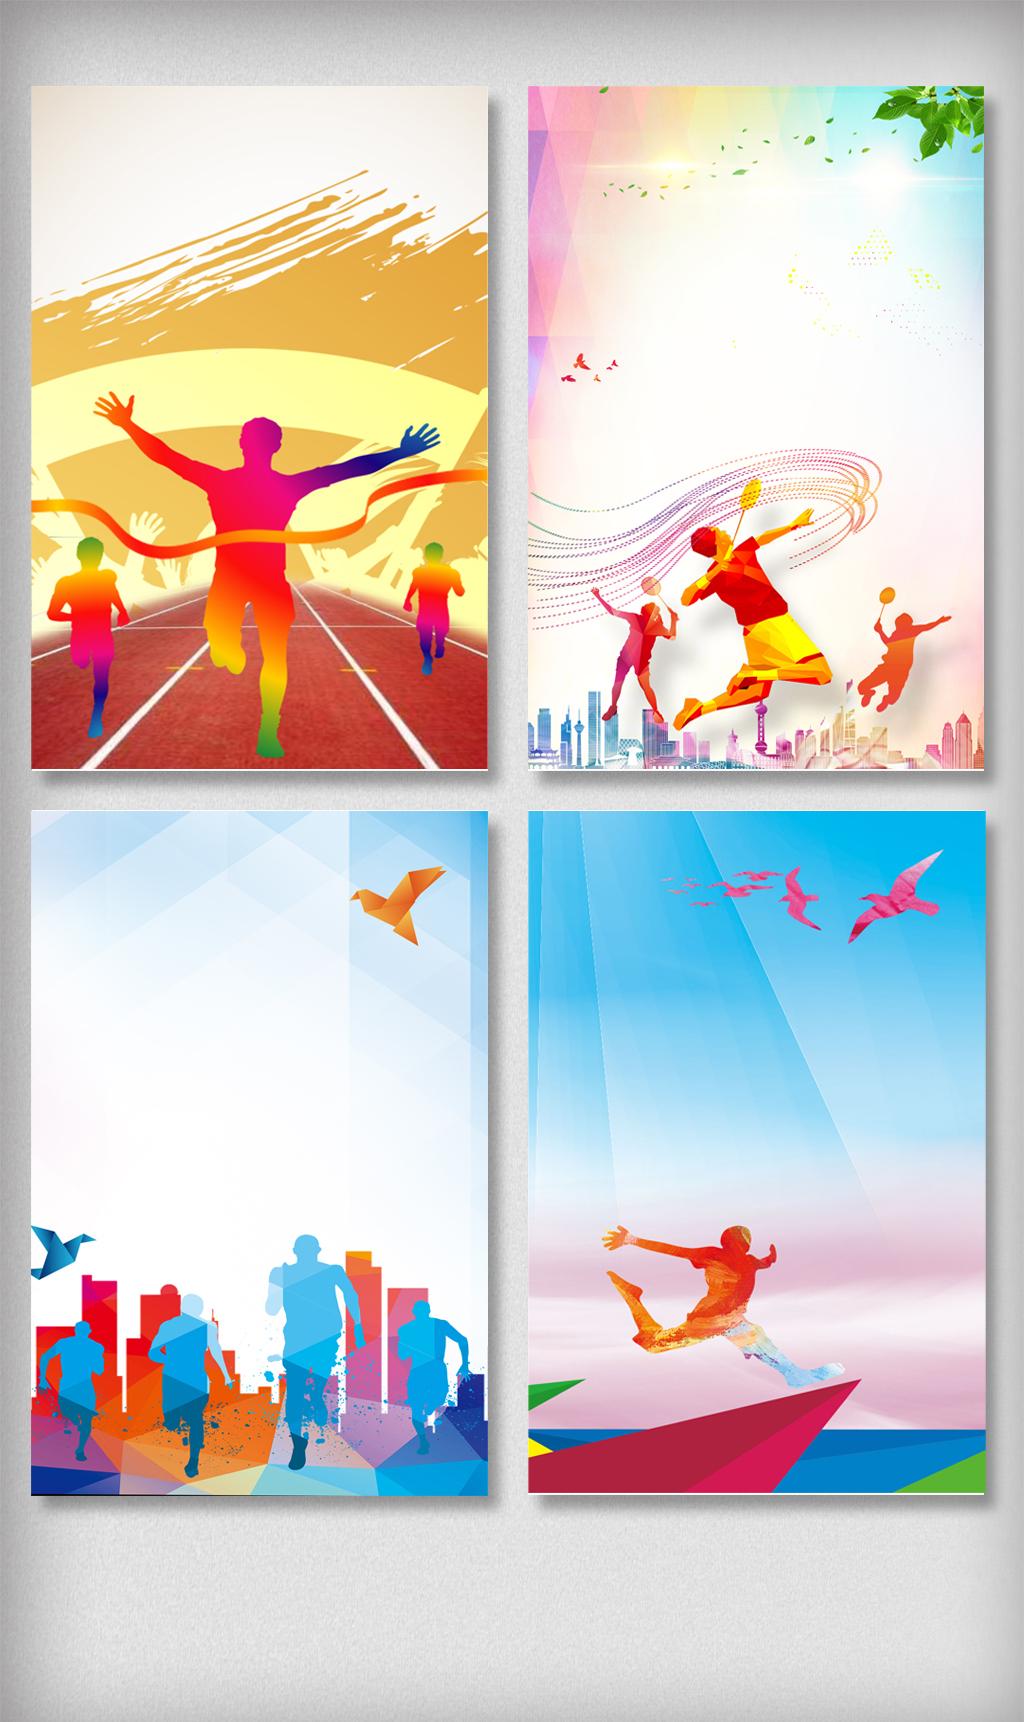 彩色手绘剪影运动会人物海报背景元素